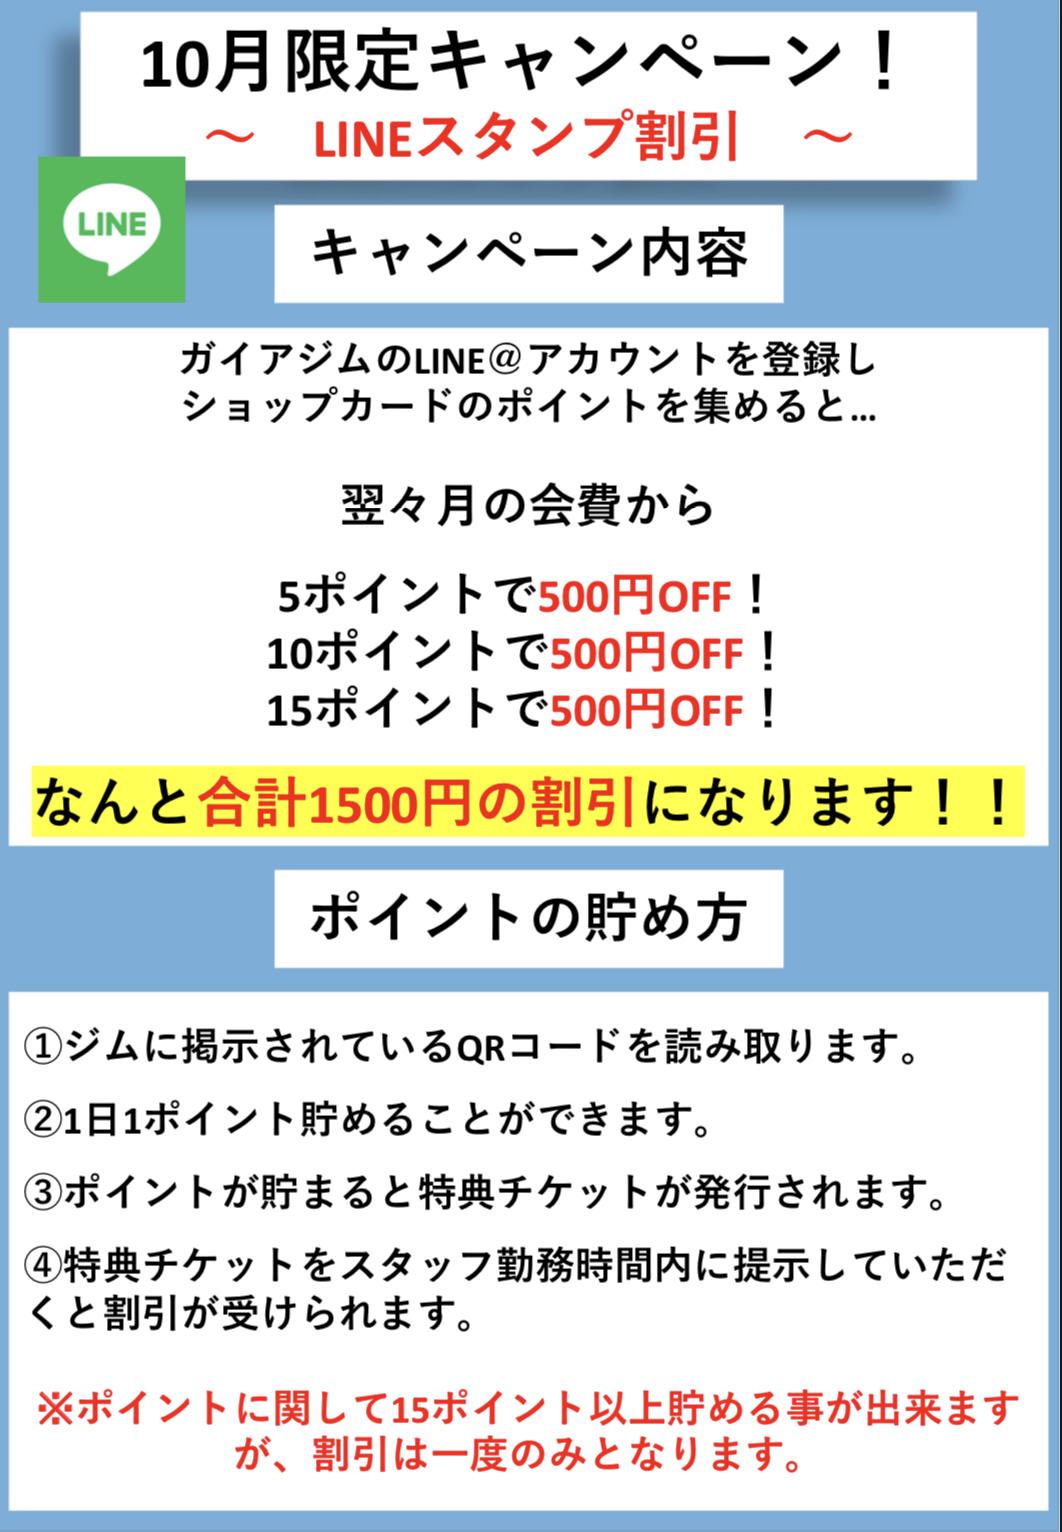 告知!10月会員様限定キャンペーン情報!